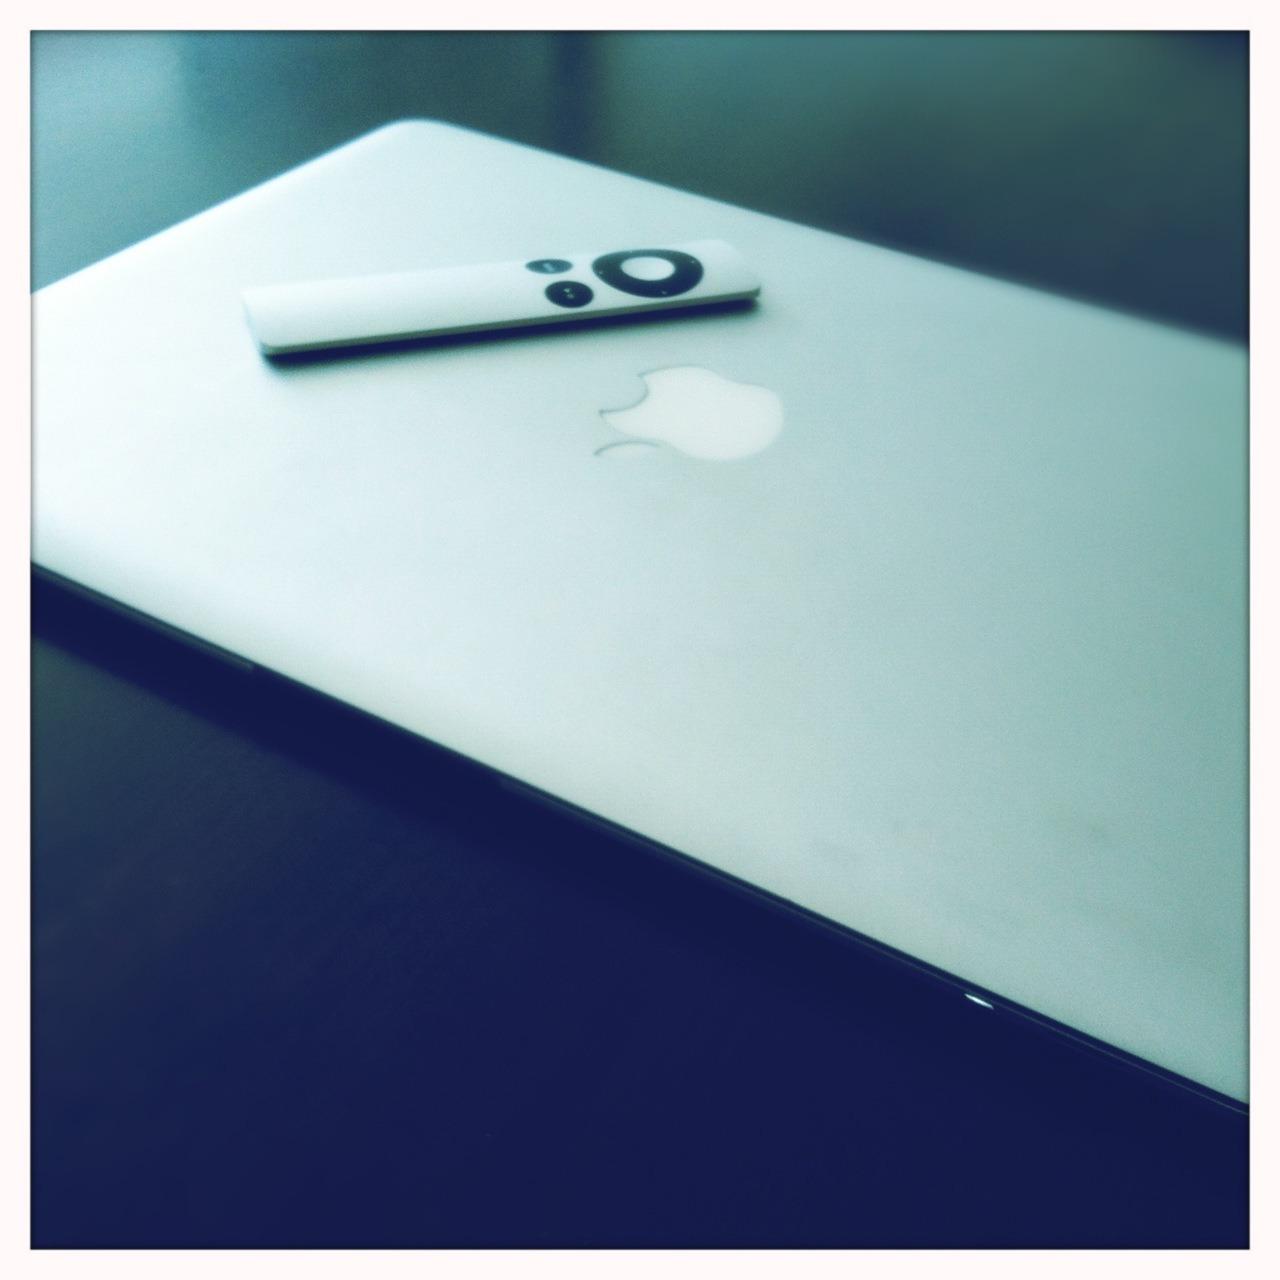 Dia de colocar Serafim, o MacBook, em dia.   Americana Lens, Blanko Film, No Flash, Taken with  Hipstamatic